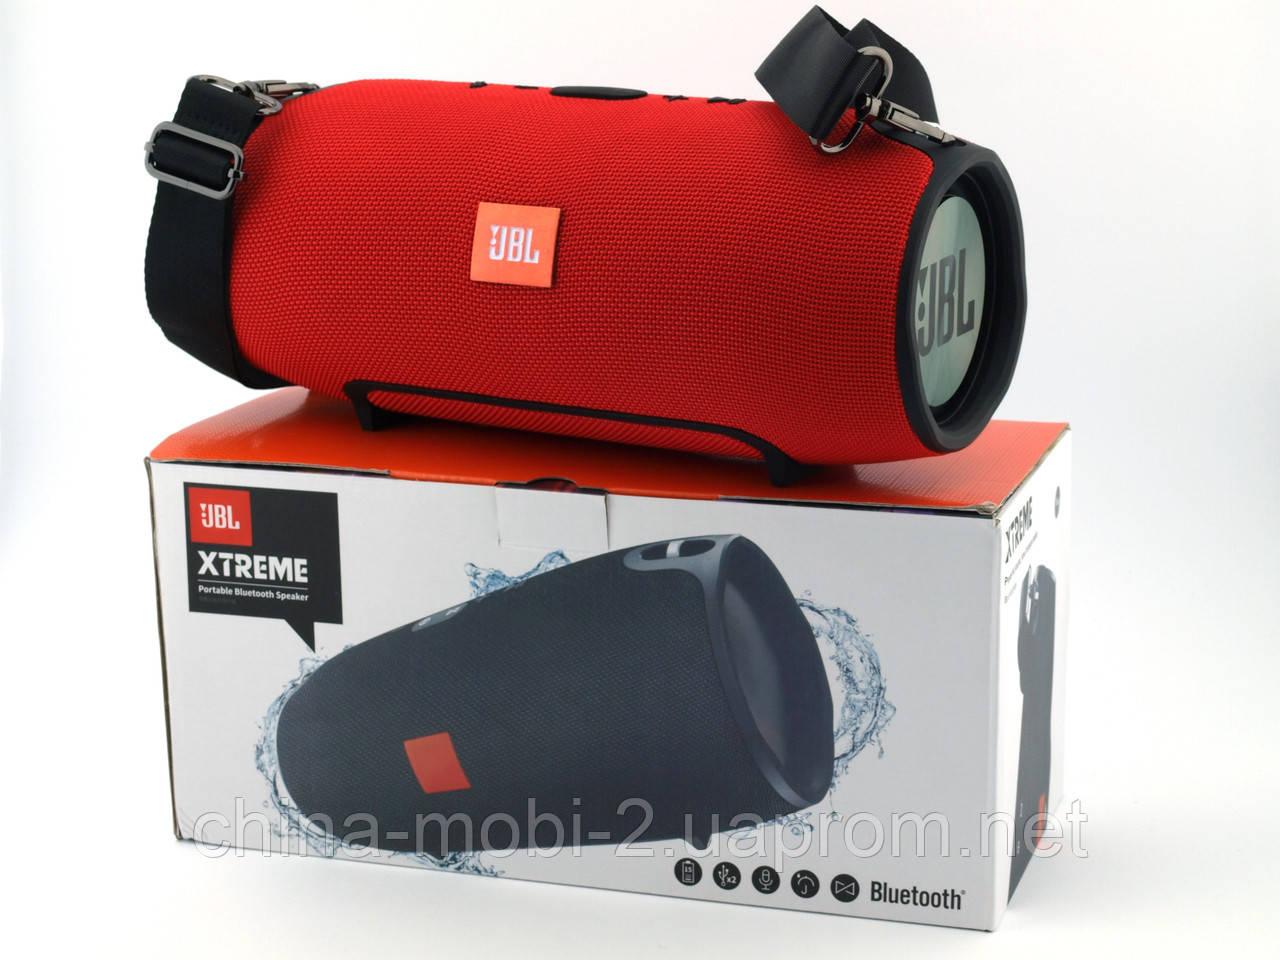 ee37b7298 JBL XTREME (540) 40W Копия, Bluetooth Колонка с FM MP3, Красная — в  Категории